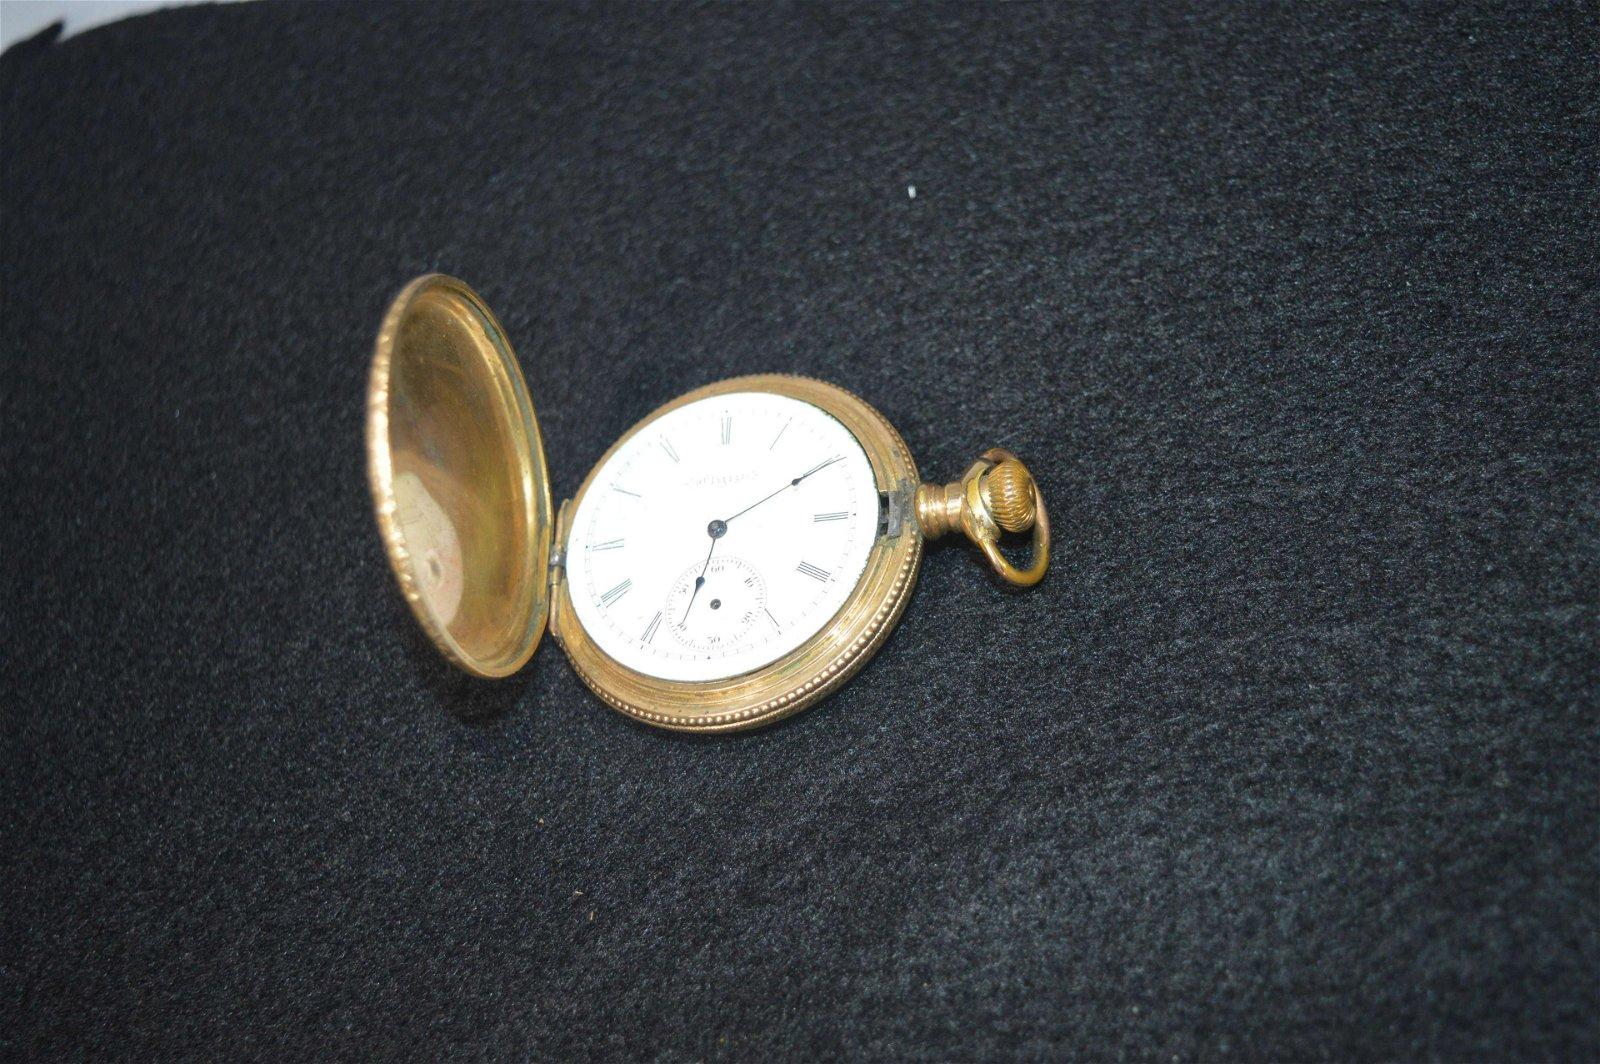 Elgin 15j Pocket Watch w/14k Gold Case